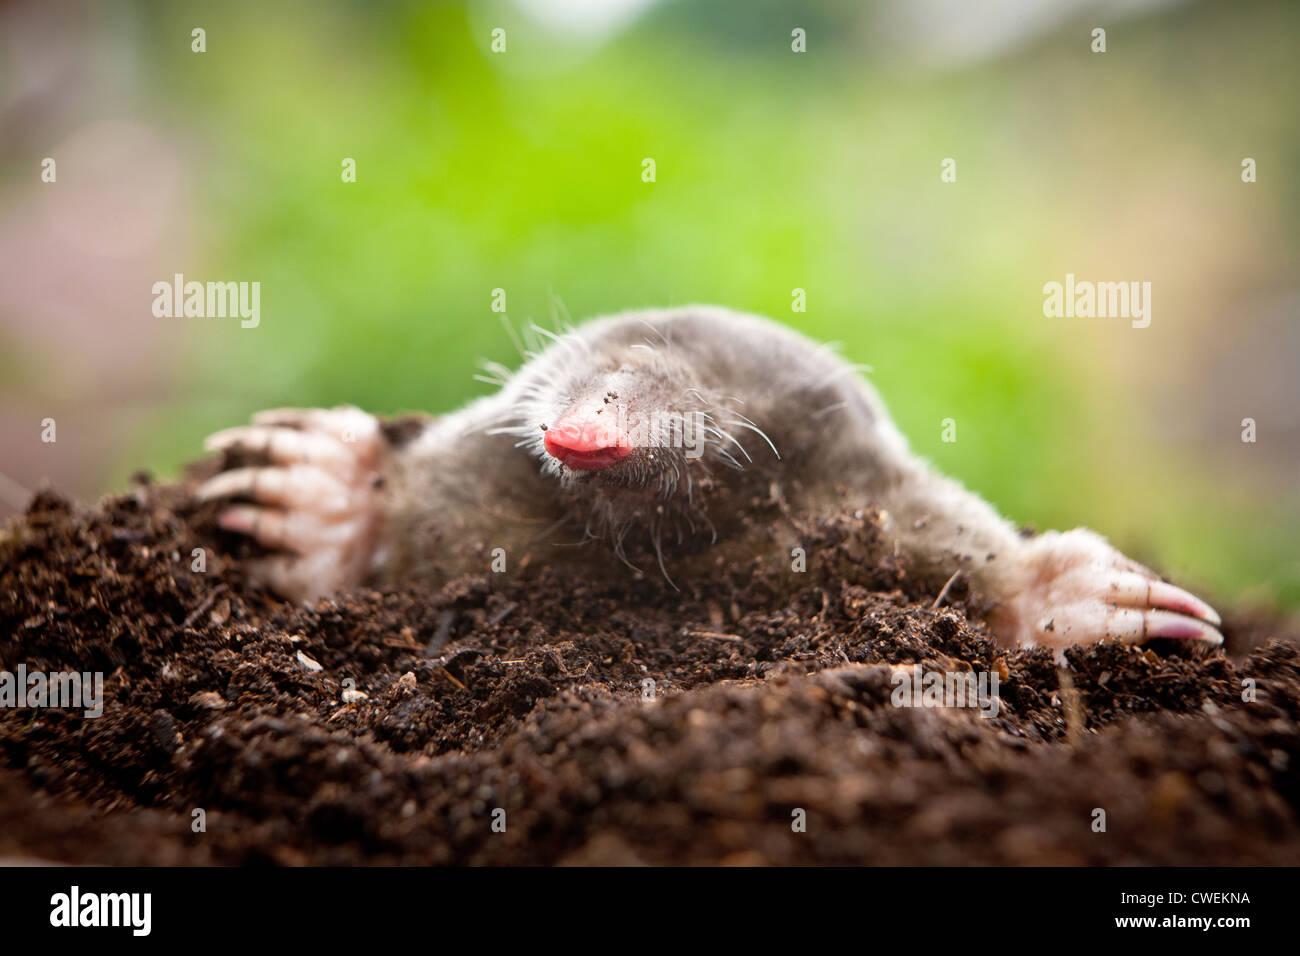 Close up of a european mole (Talpa europaea) emerging from a mole hill in a garden - Stock Image